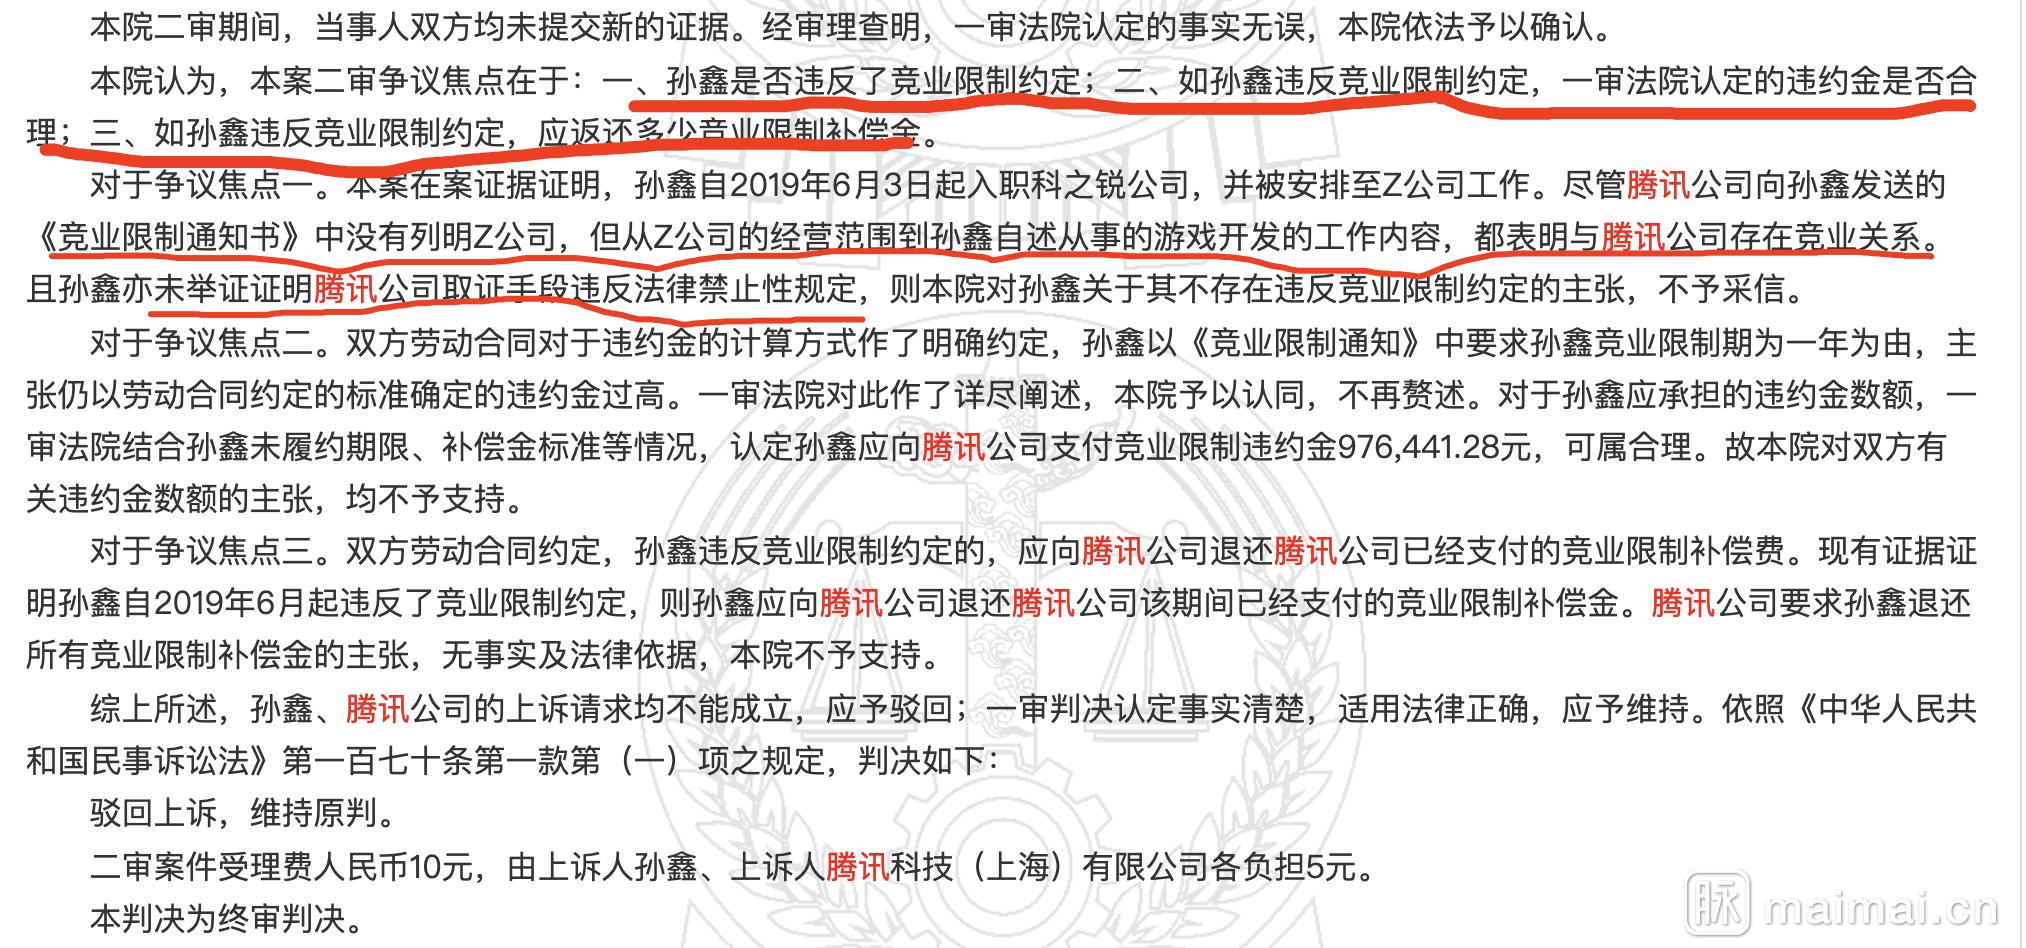 刚发现腾讯出现了竞业违约金赔钱100万的事儿,3月1号刚…